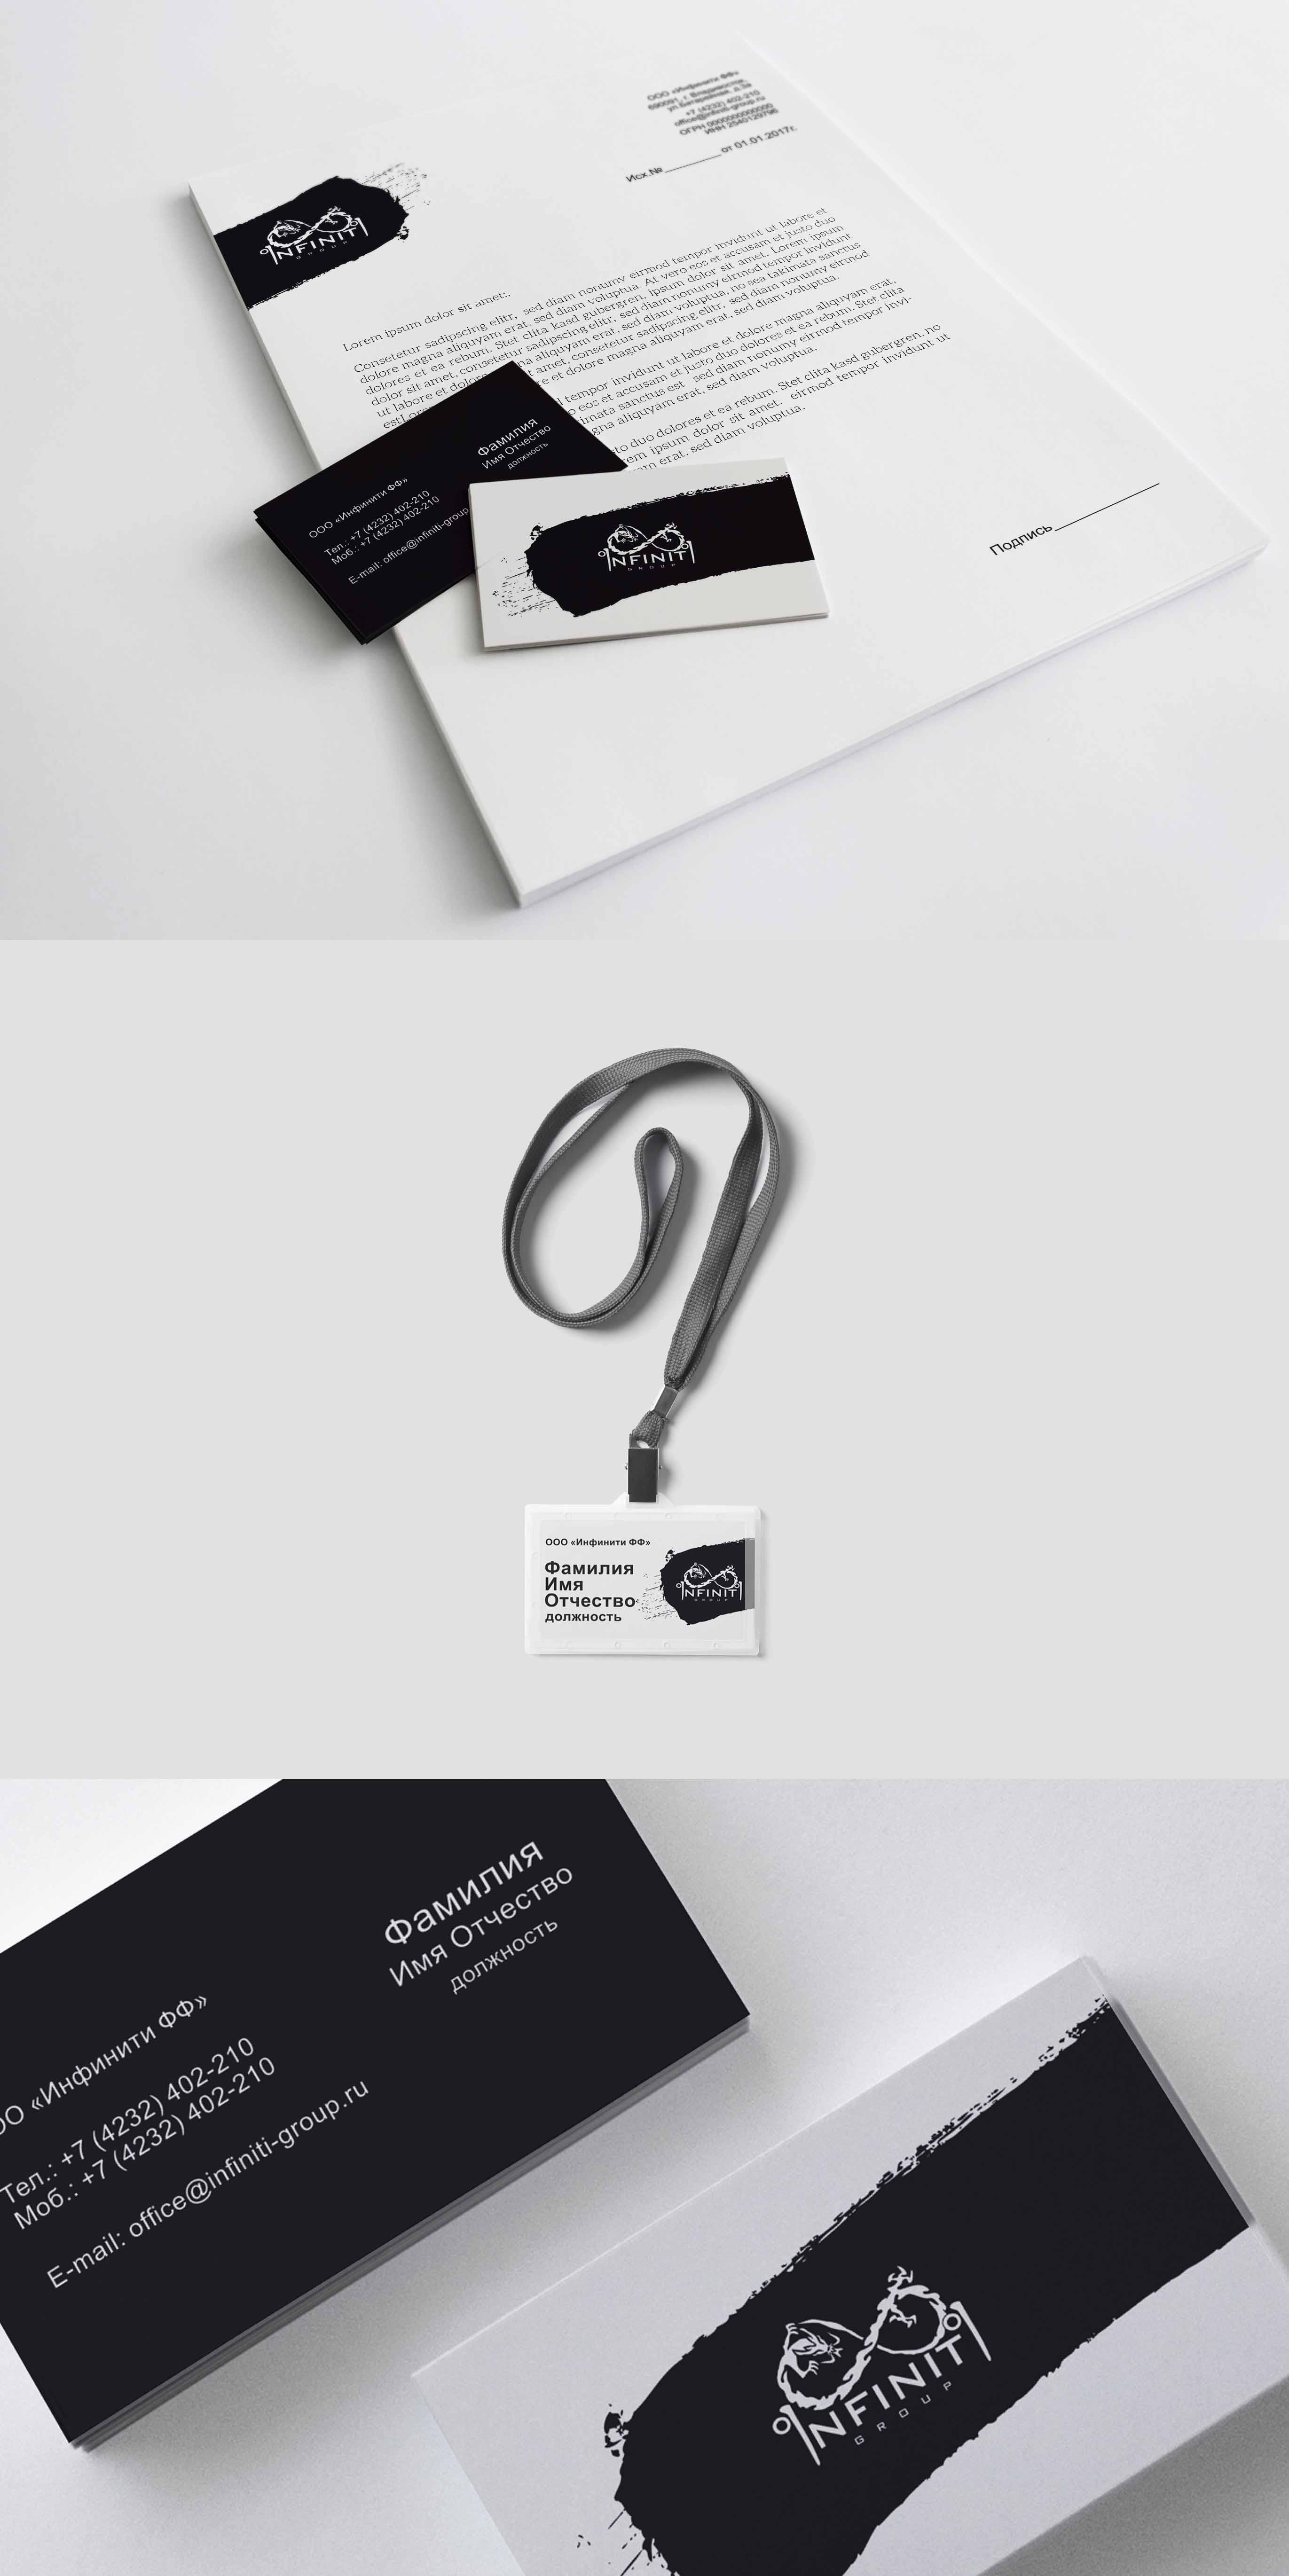 Требуется разработка дизайна визитки и карты доступа и т.п. фото f_51959137e74d40fa.jpg